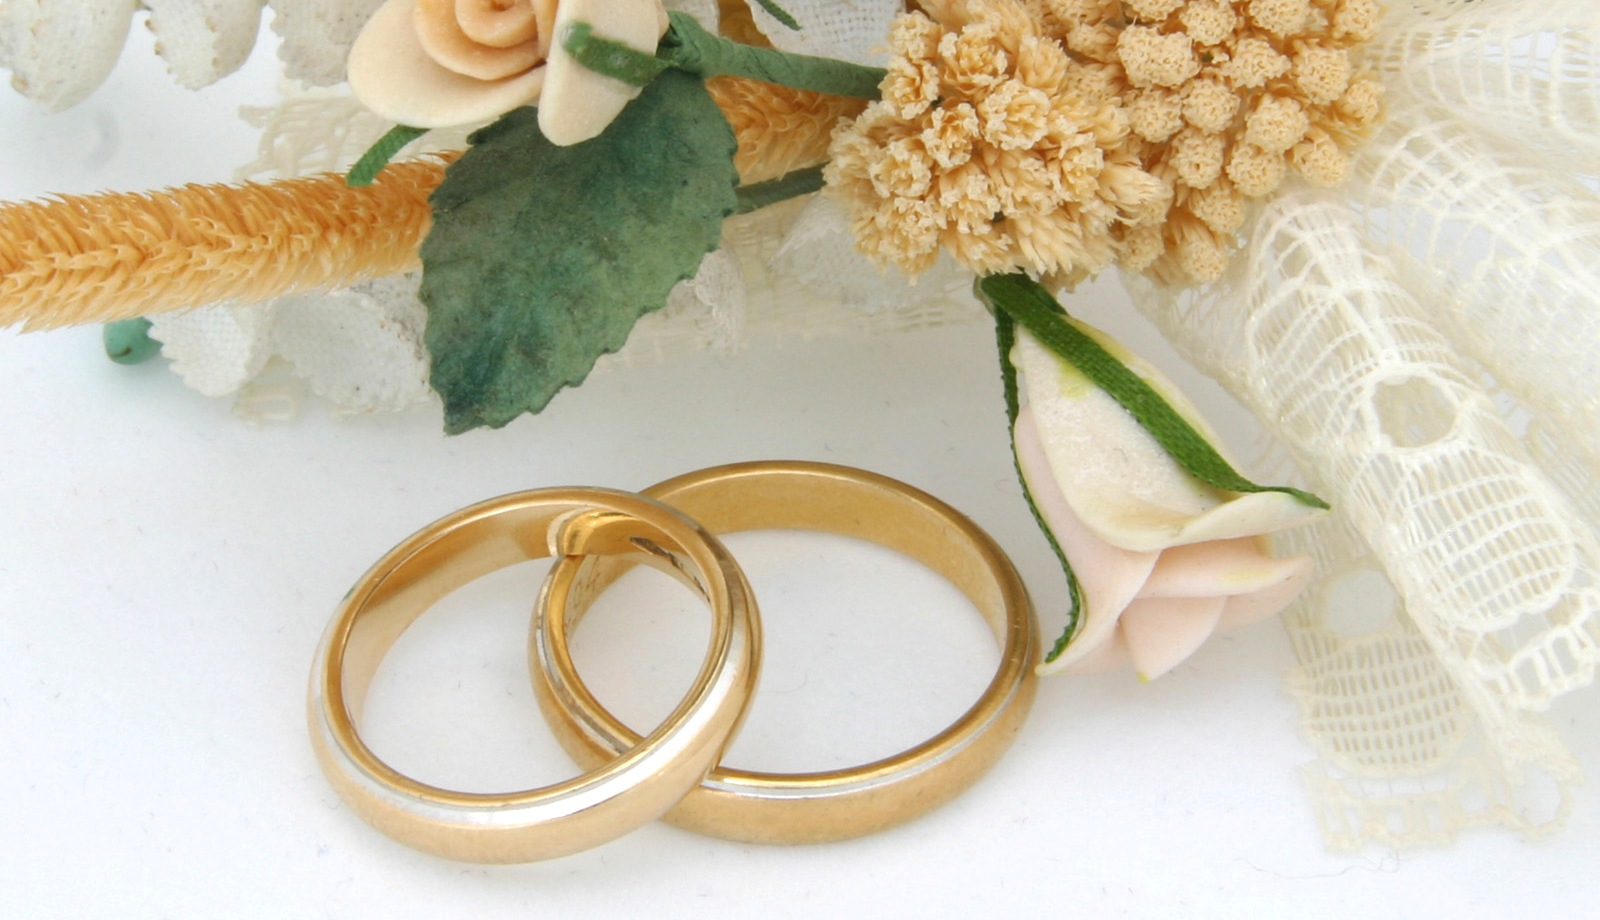 Matrimonio la svolta pu arrivare da scelte for Immagini matrimonio da stampare